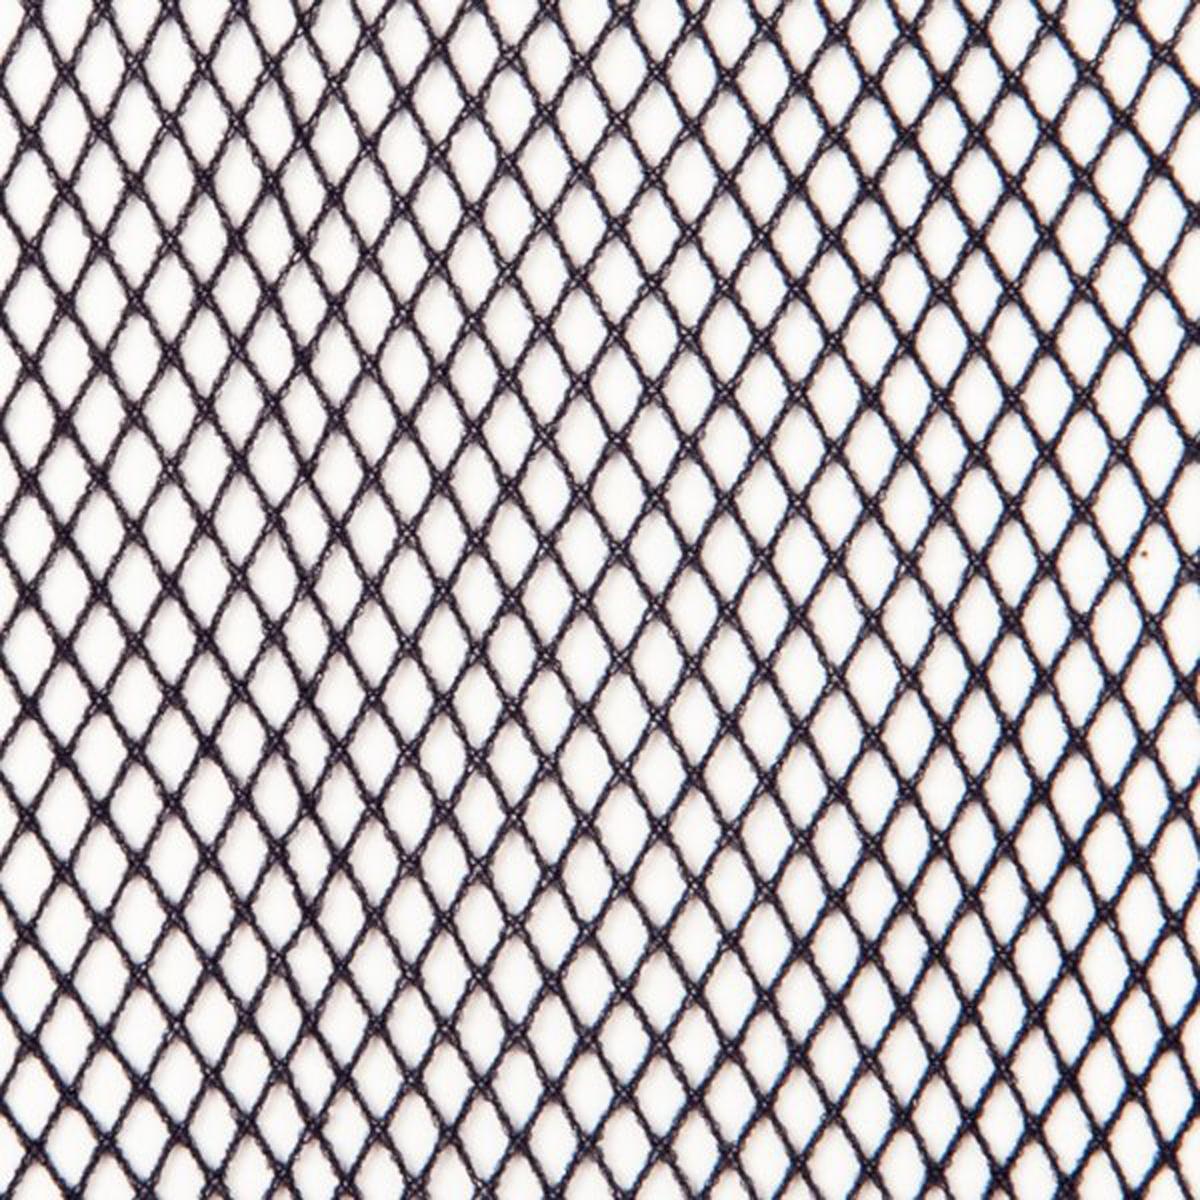 Колготки из сеткиКолготки из сетки от R Edition. 92% полиамида, 8% эластана..<br><br>Цвет: черный<br>Размер: 3/4